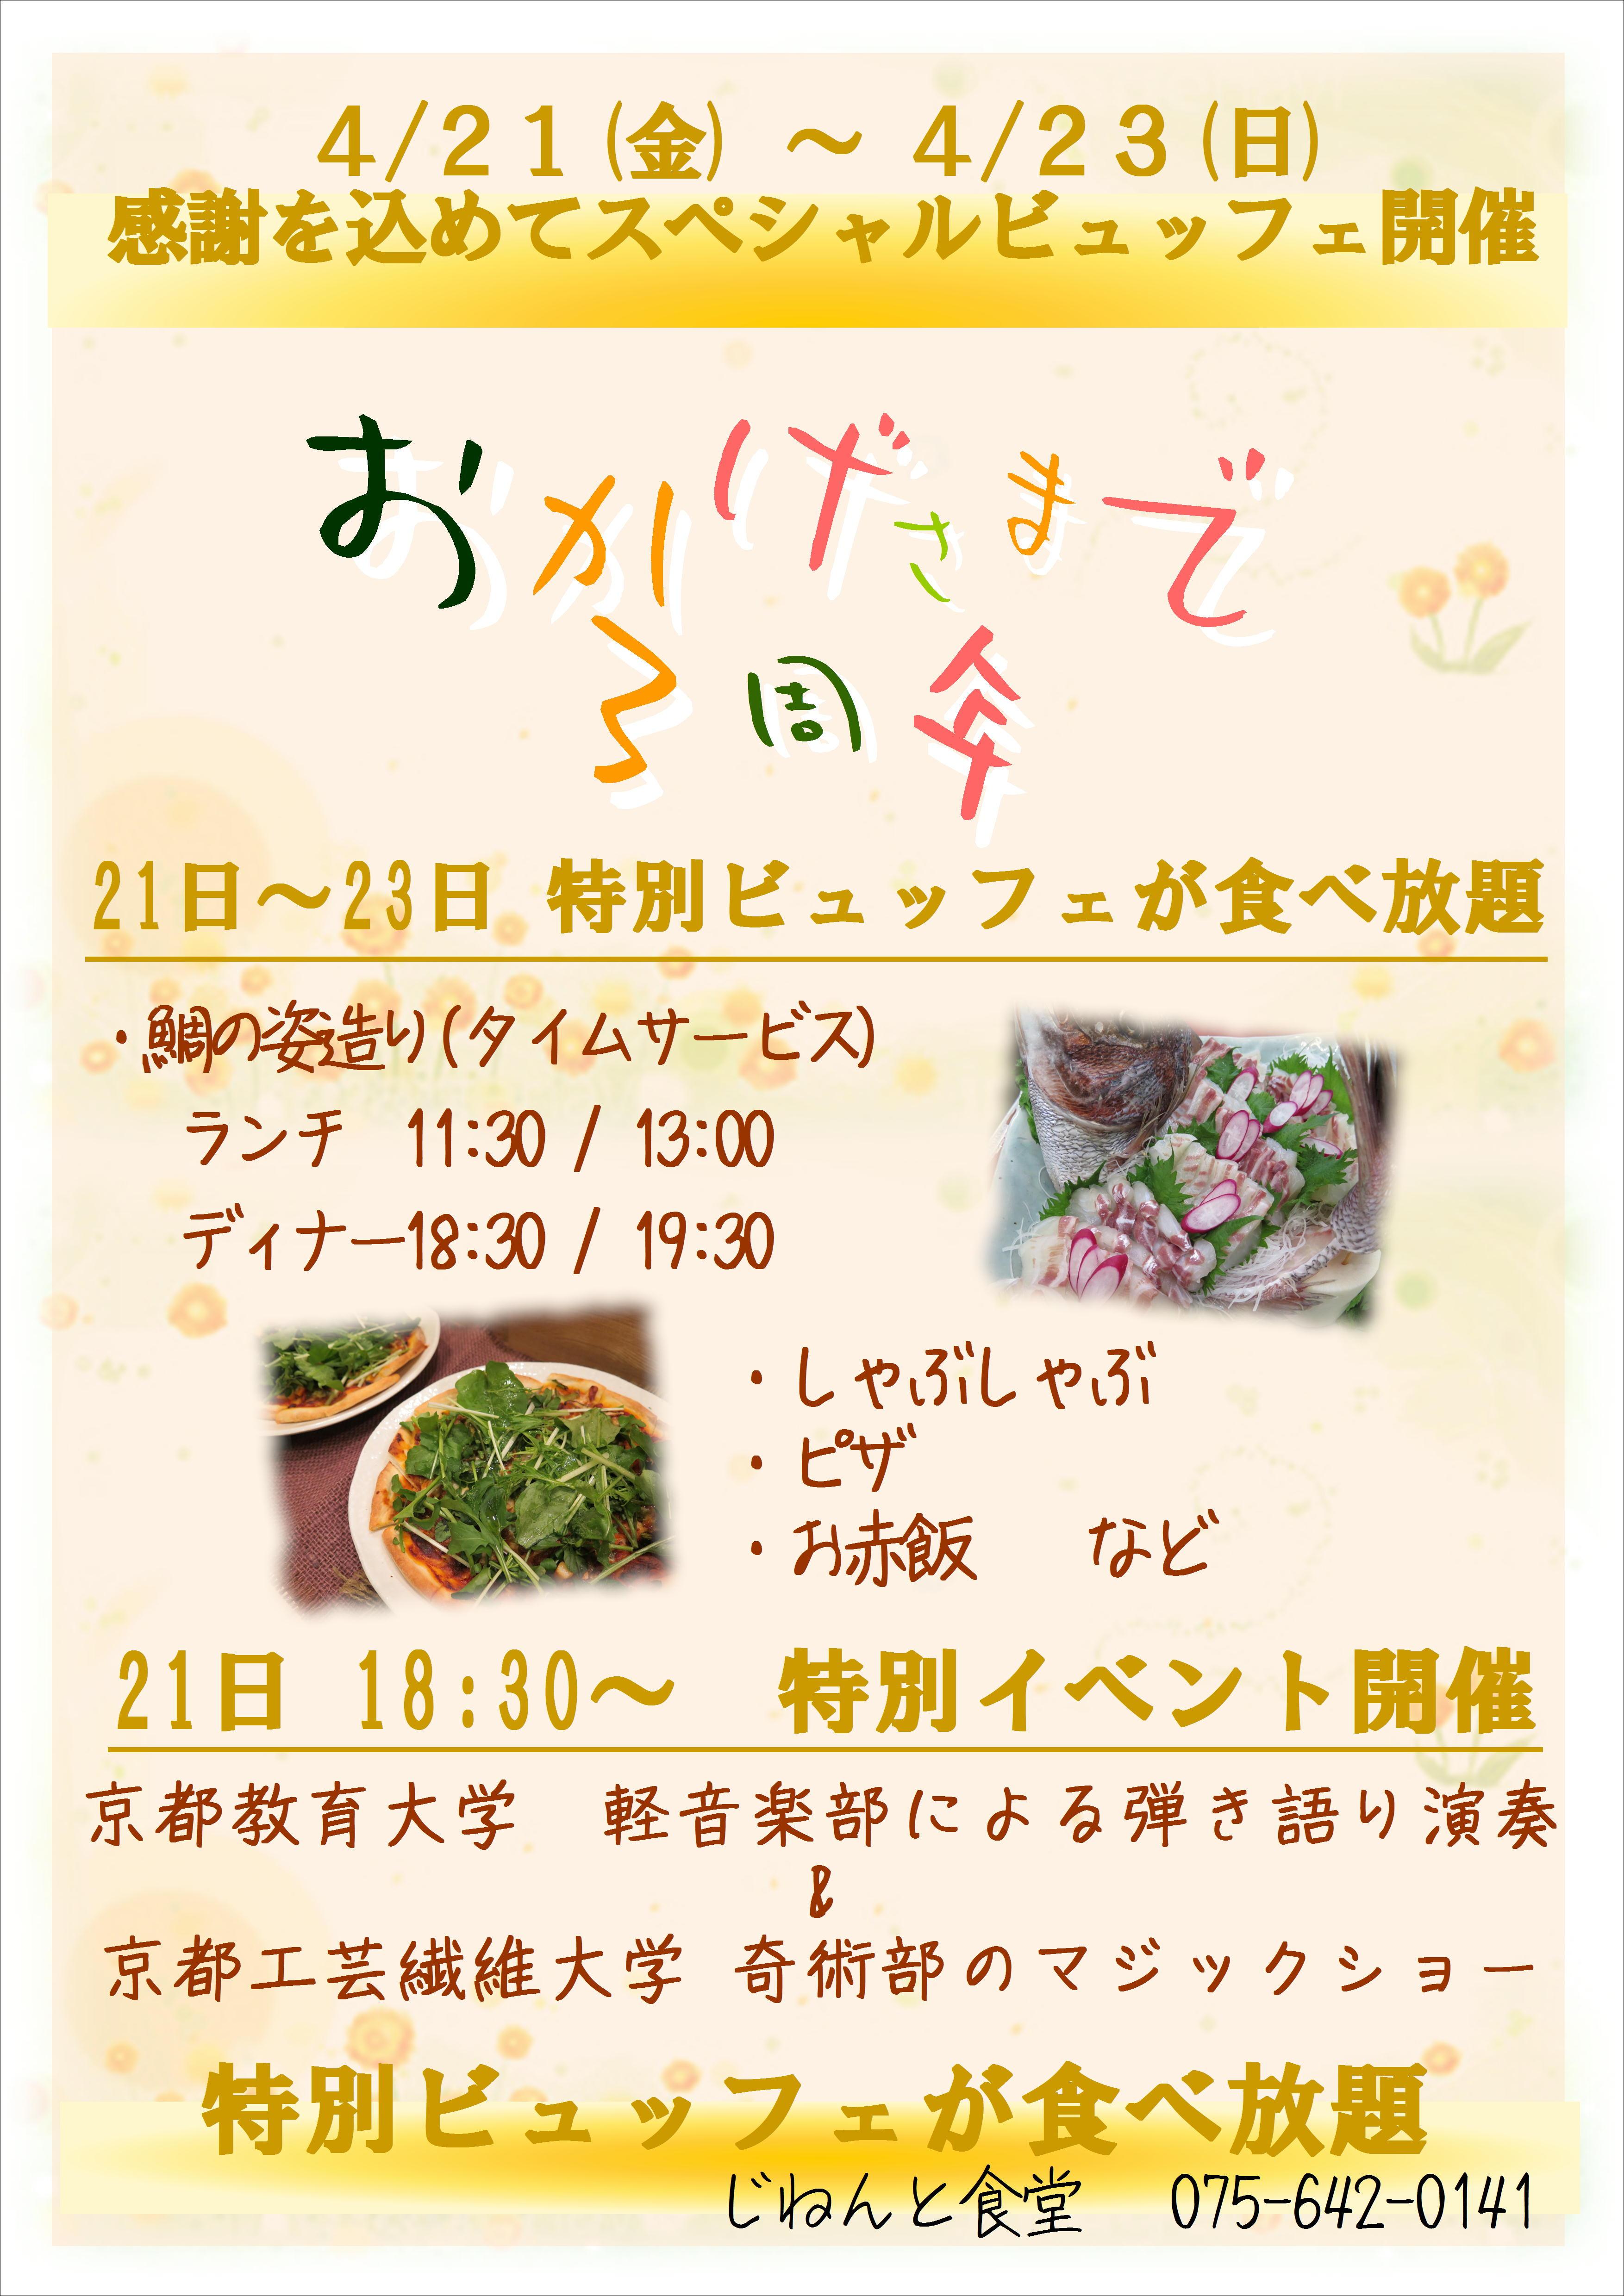 じねんと食堂3周年特別ビュッフェ開催!